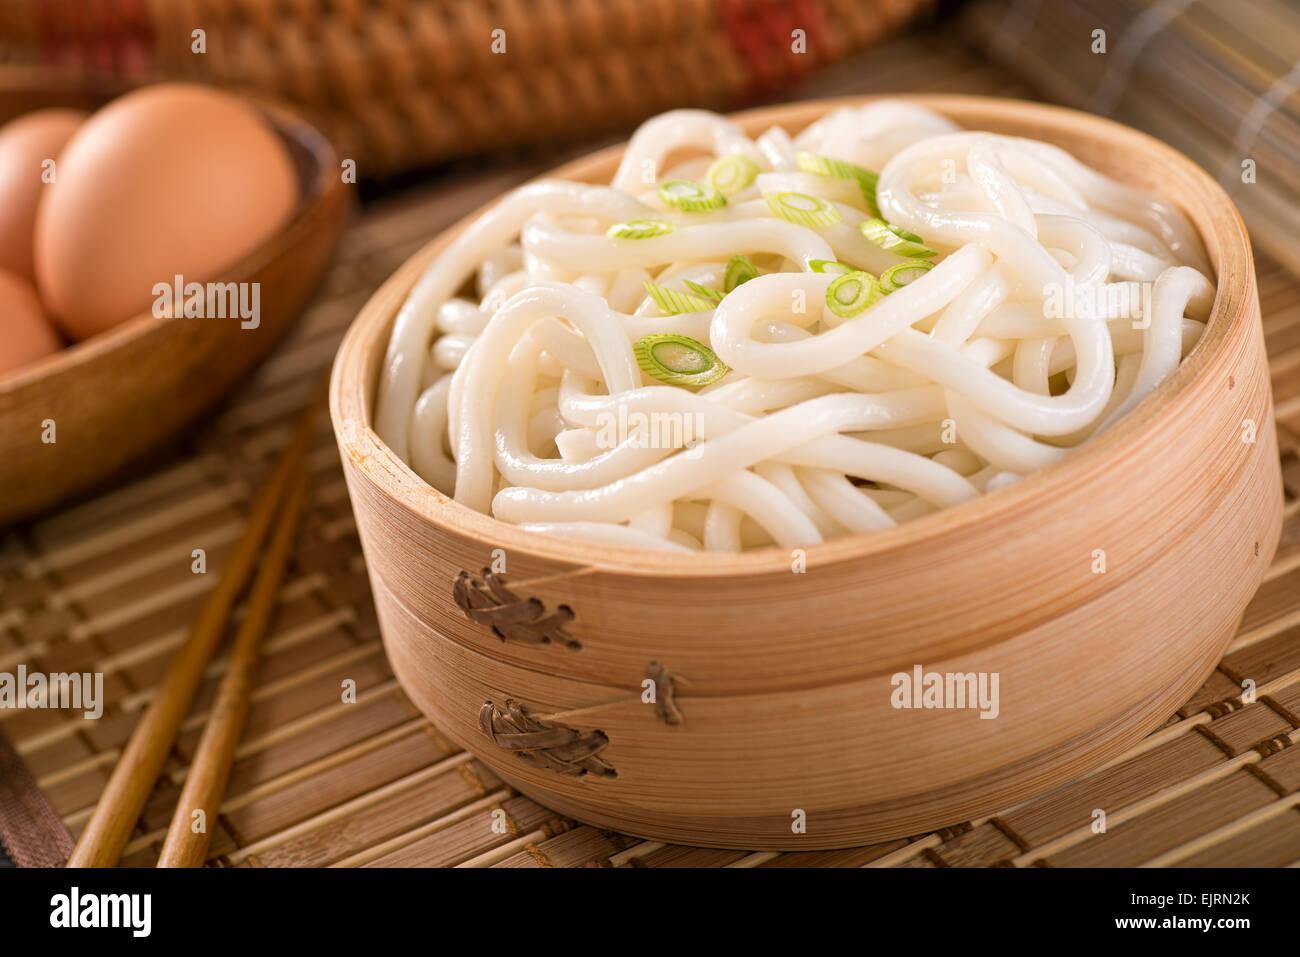 De délicieuses nouilles Udon japonaise d'oignon vert. Photo Stock